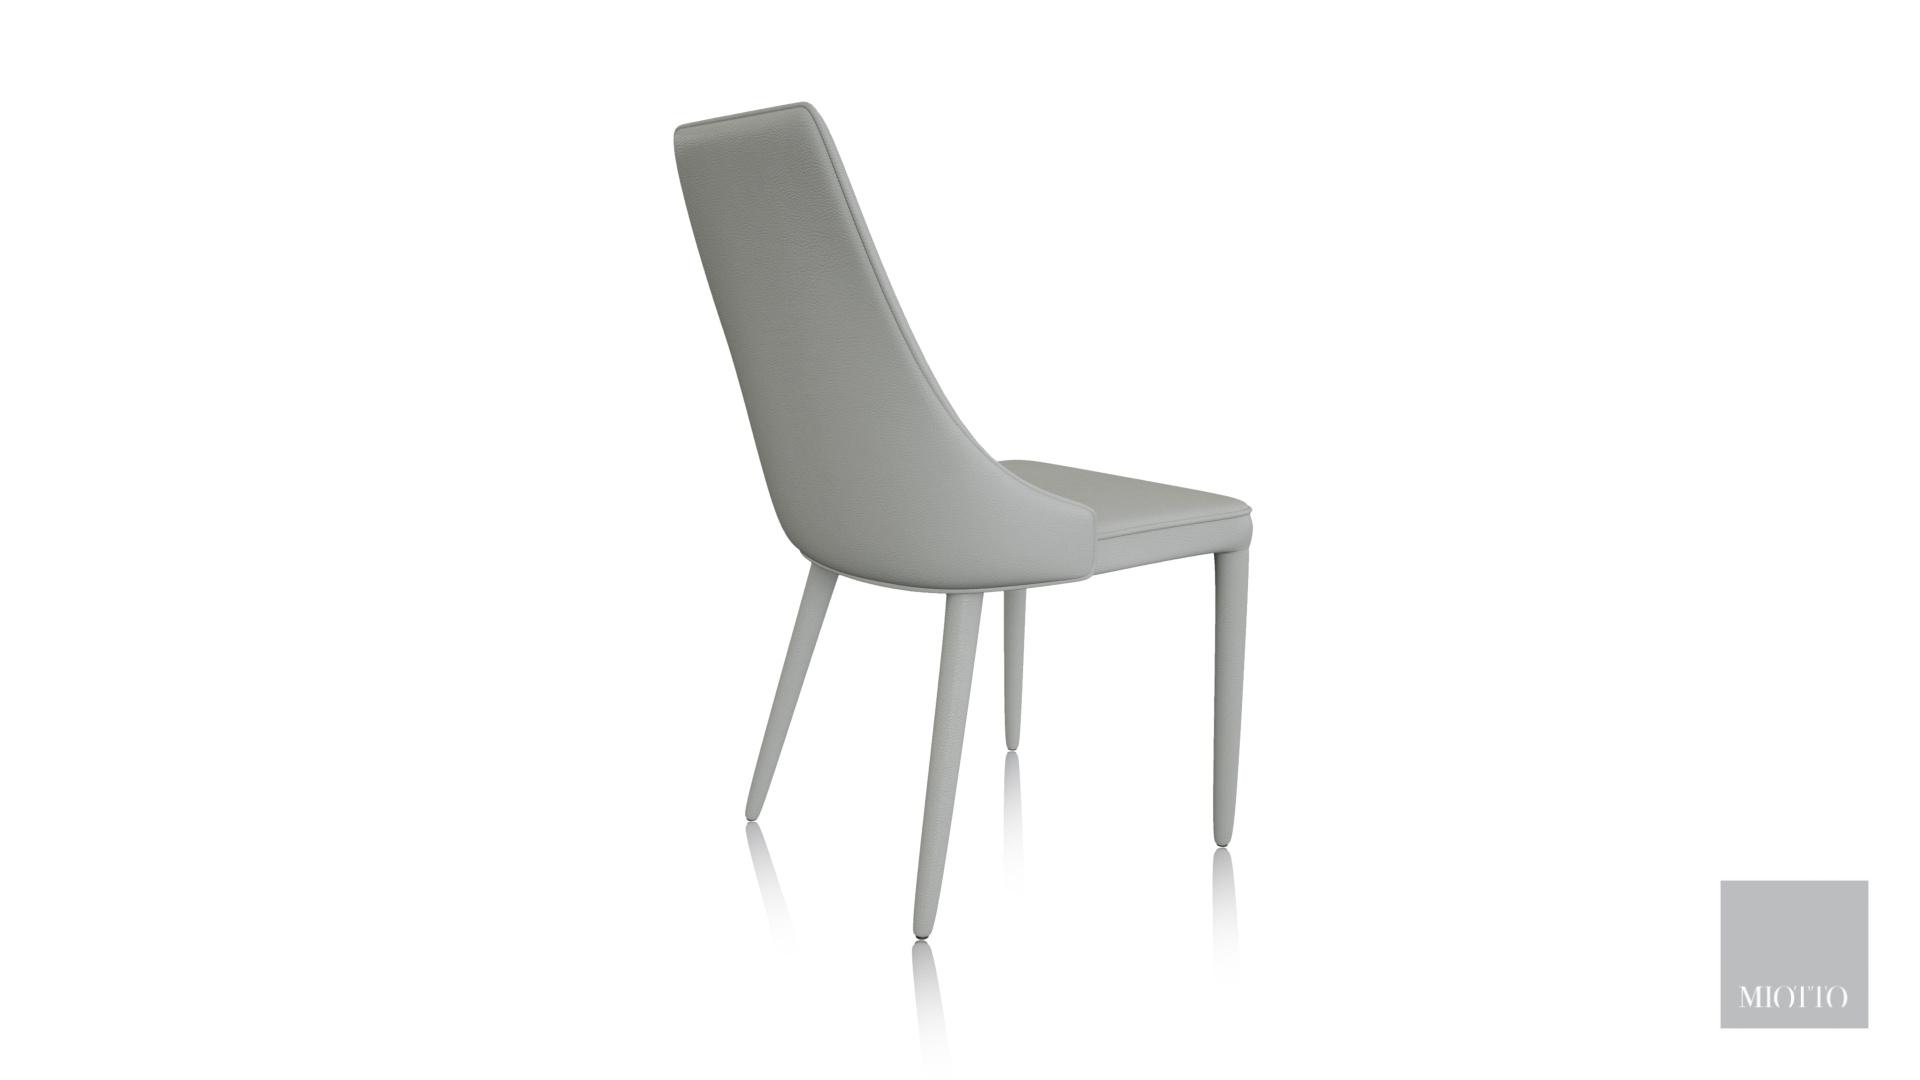 miotto_maino DC light grey T back miotto design furniture